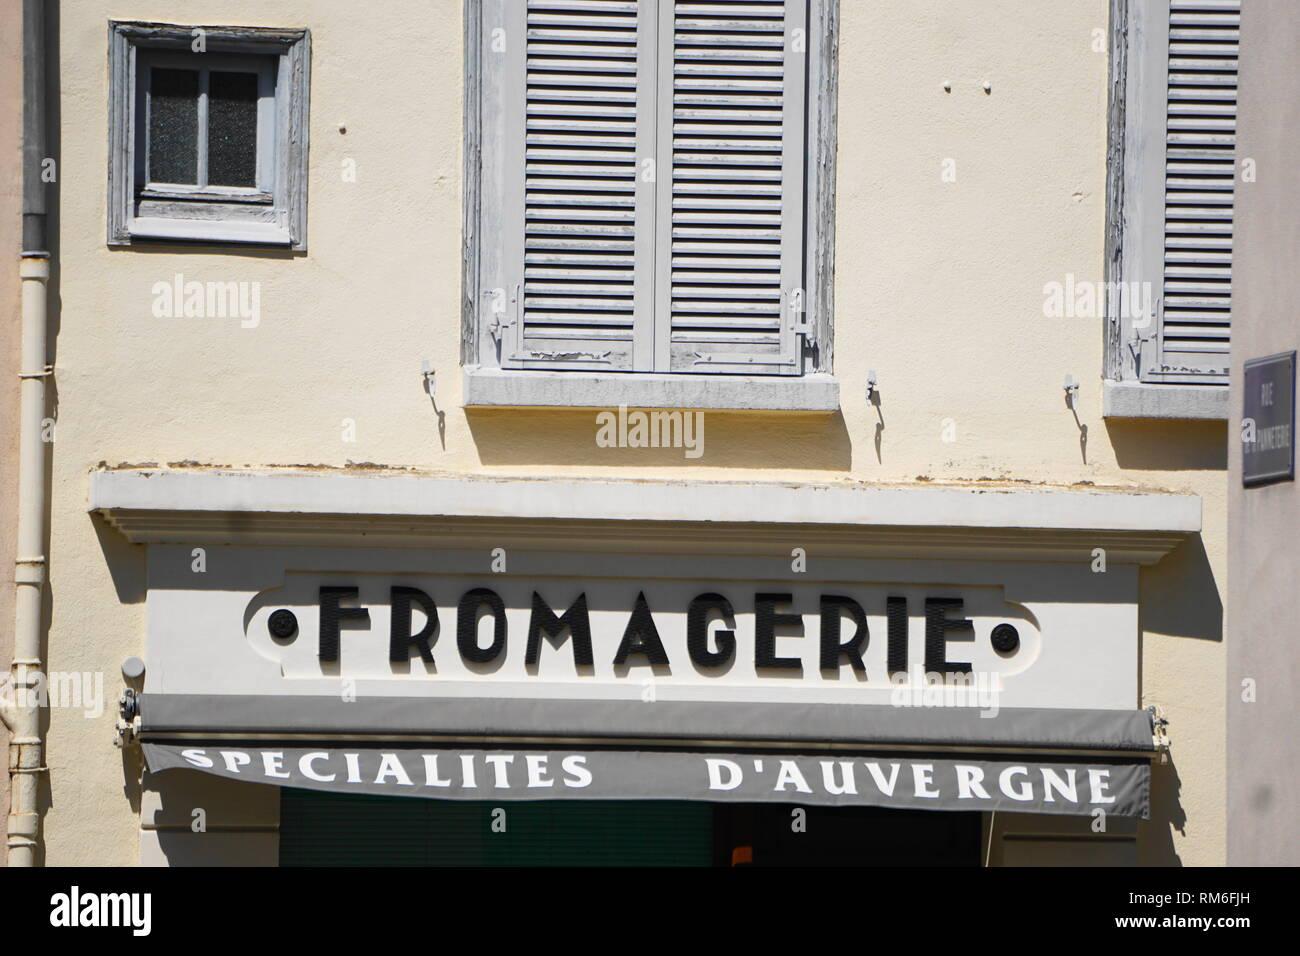 Fromagerie und regionalen Spezialitäten, Ambert, Auvergne, Frankreich Stockbild